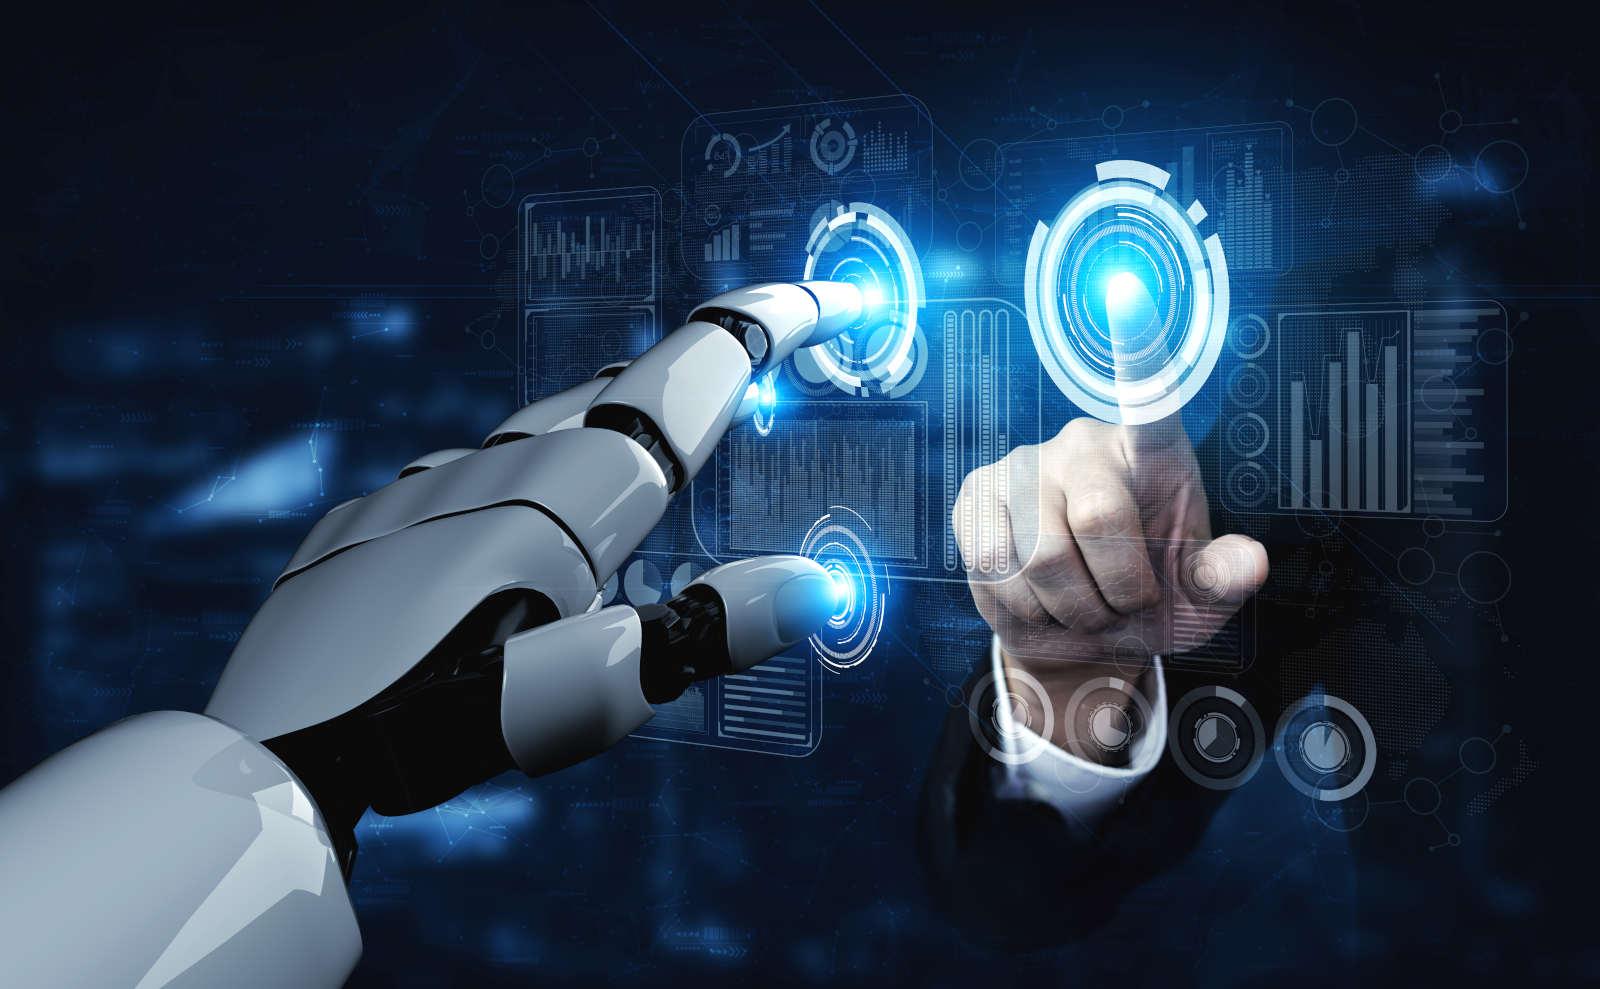 Künstliche Intelligenz vs. Mensch Roboterhand und menschliche Hand gegenüber